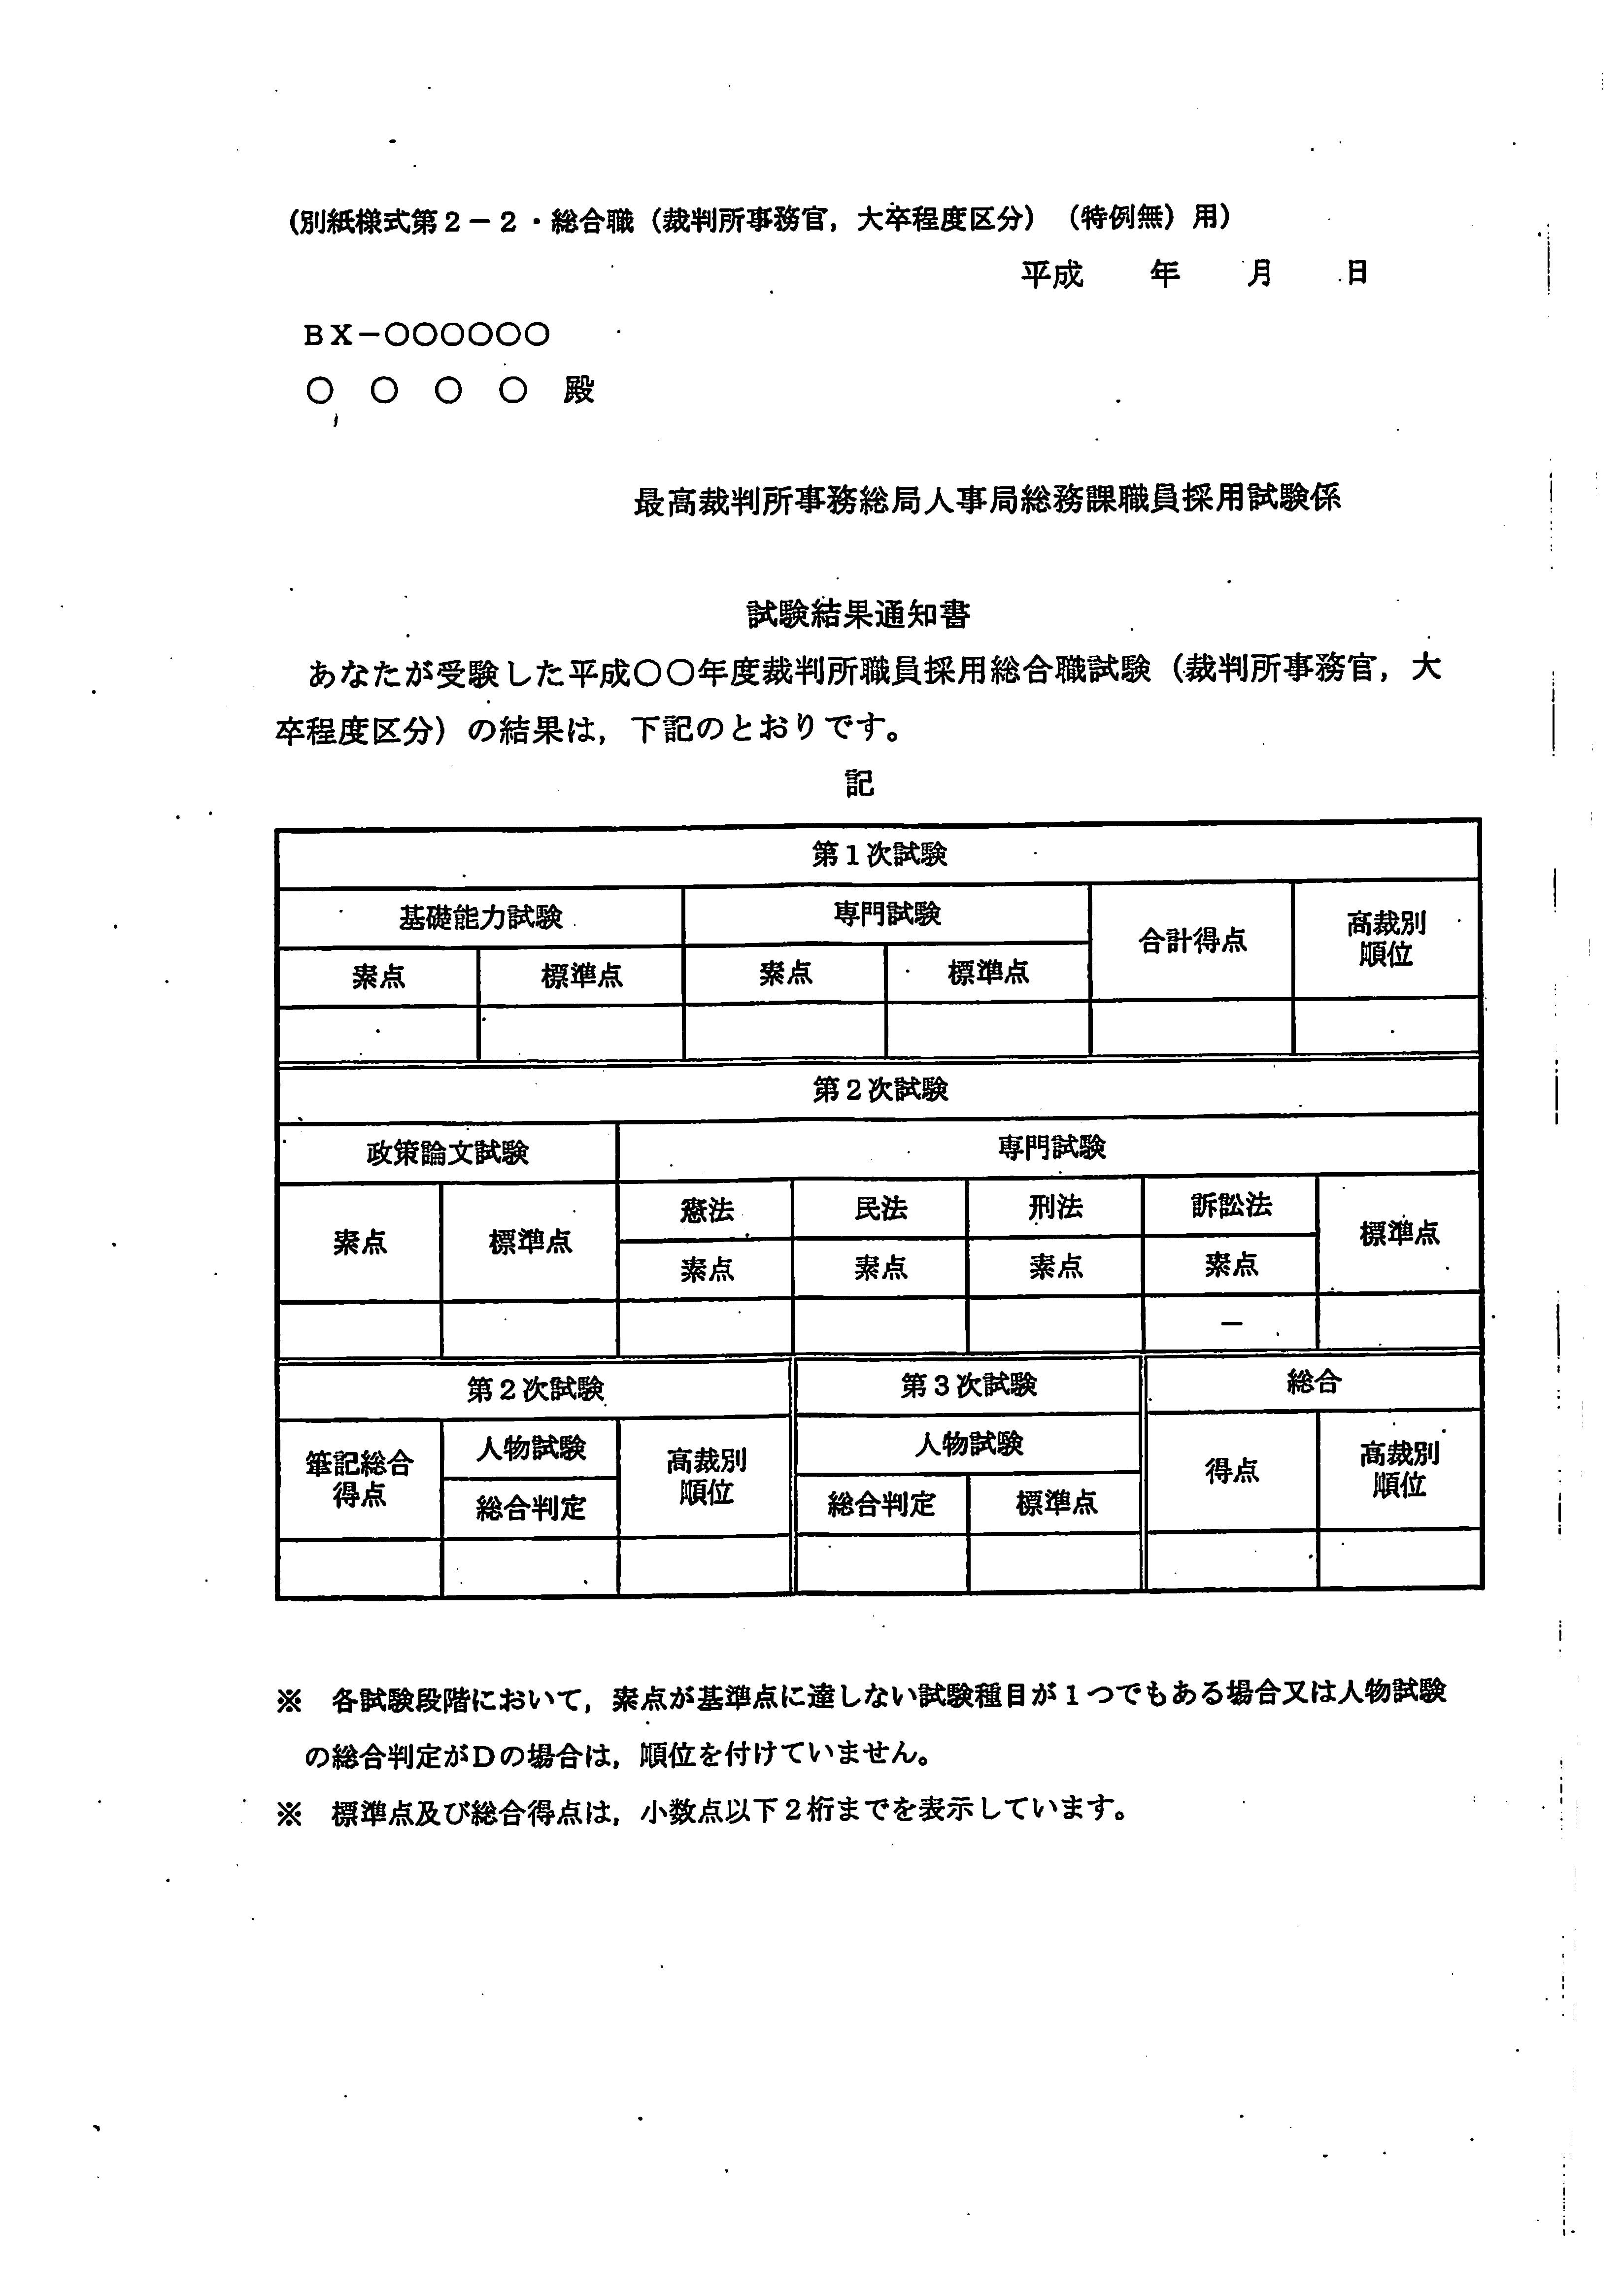 内容 官 仕事 裁判所 事務